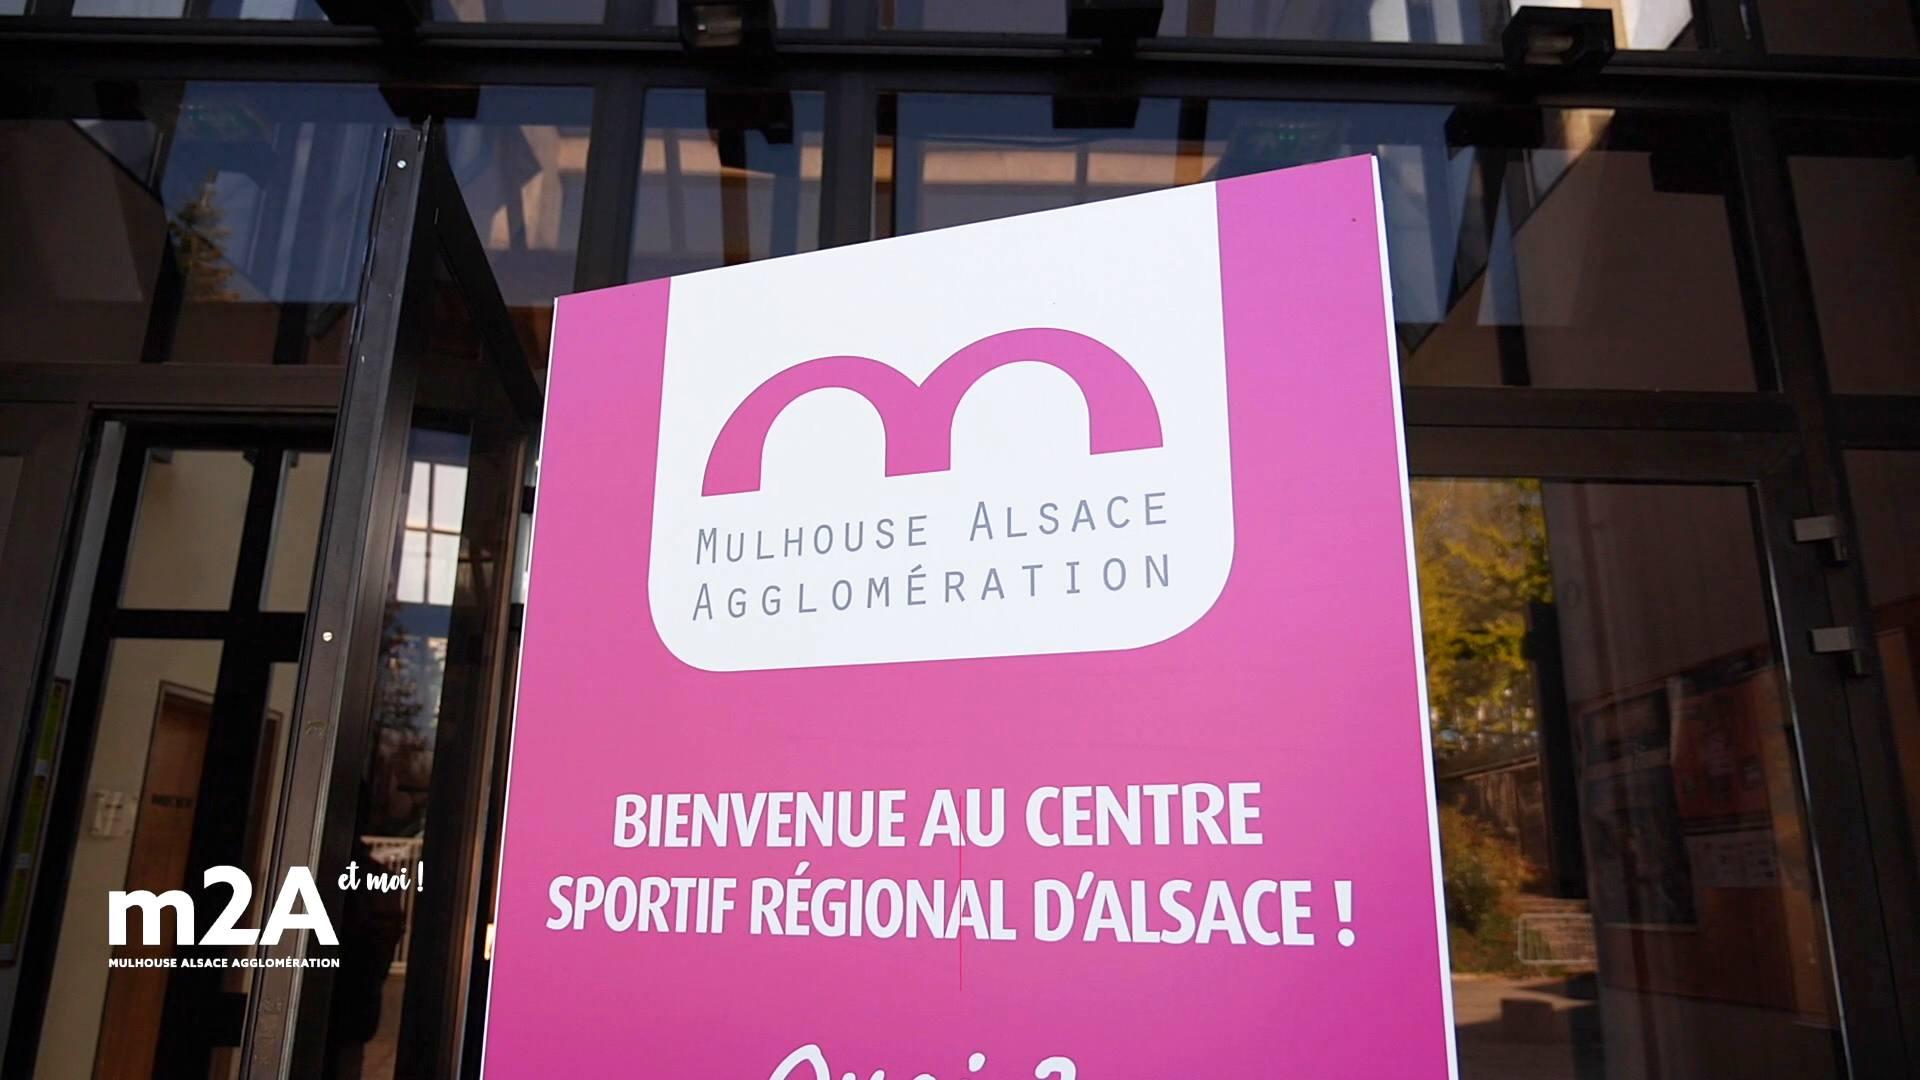 webserie-staffelfelden-Centre-sportif-regional-Alsace